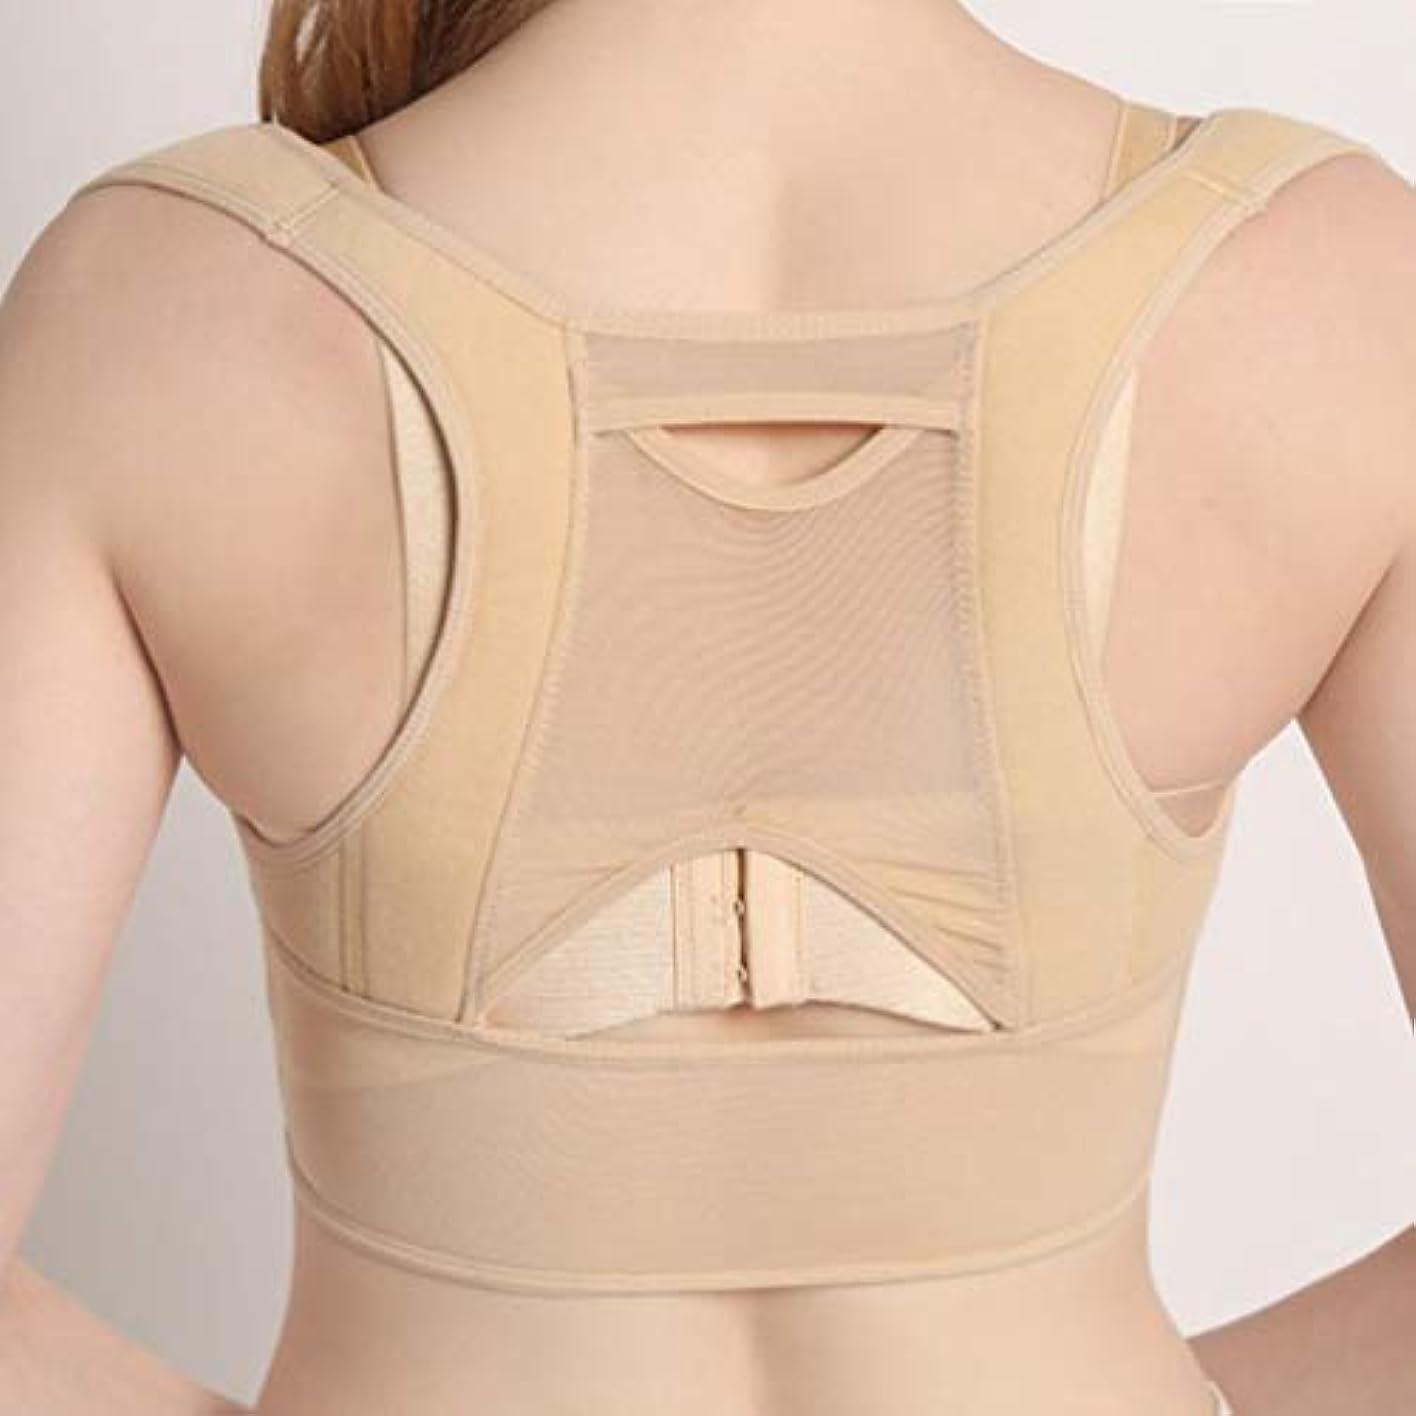 宮殿クスコ野生通気性のある女性の背中の姿勢矯正コルセット整形外科の肩の背骨の姿勢矯正腰椎サポート - ベージュホワイトM